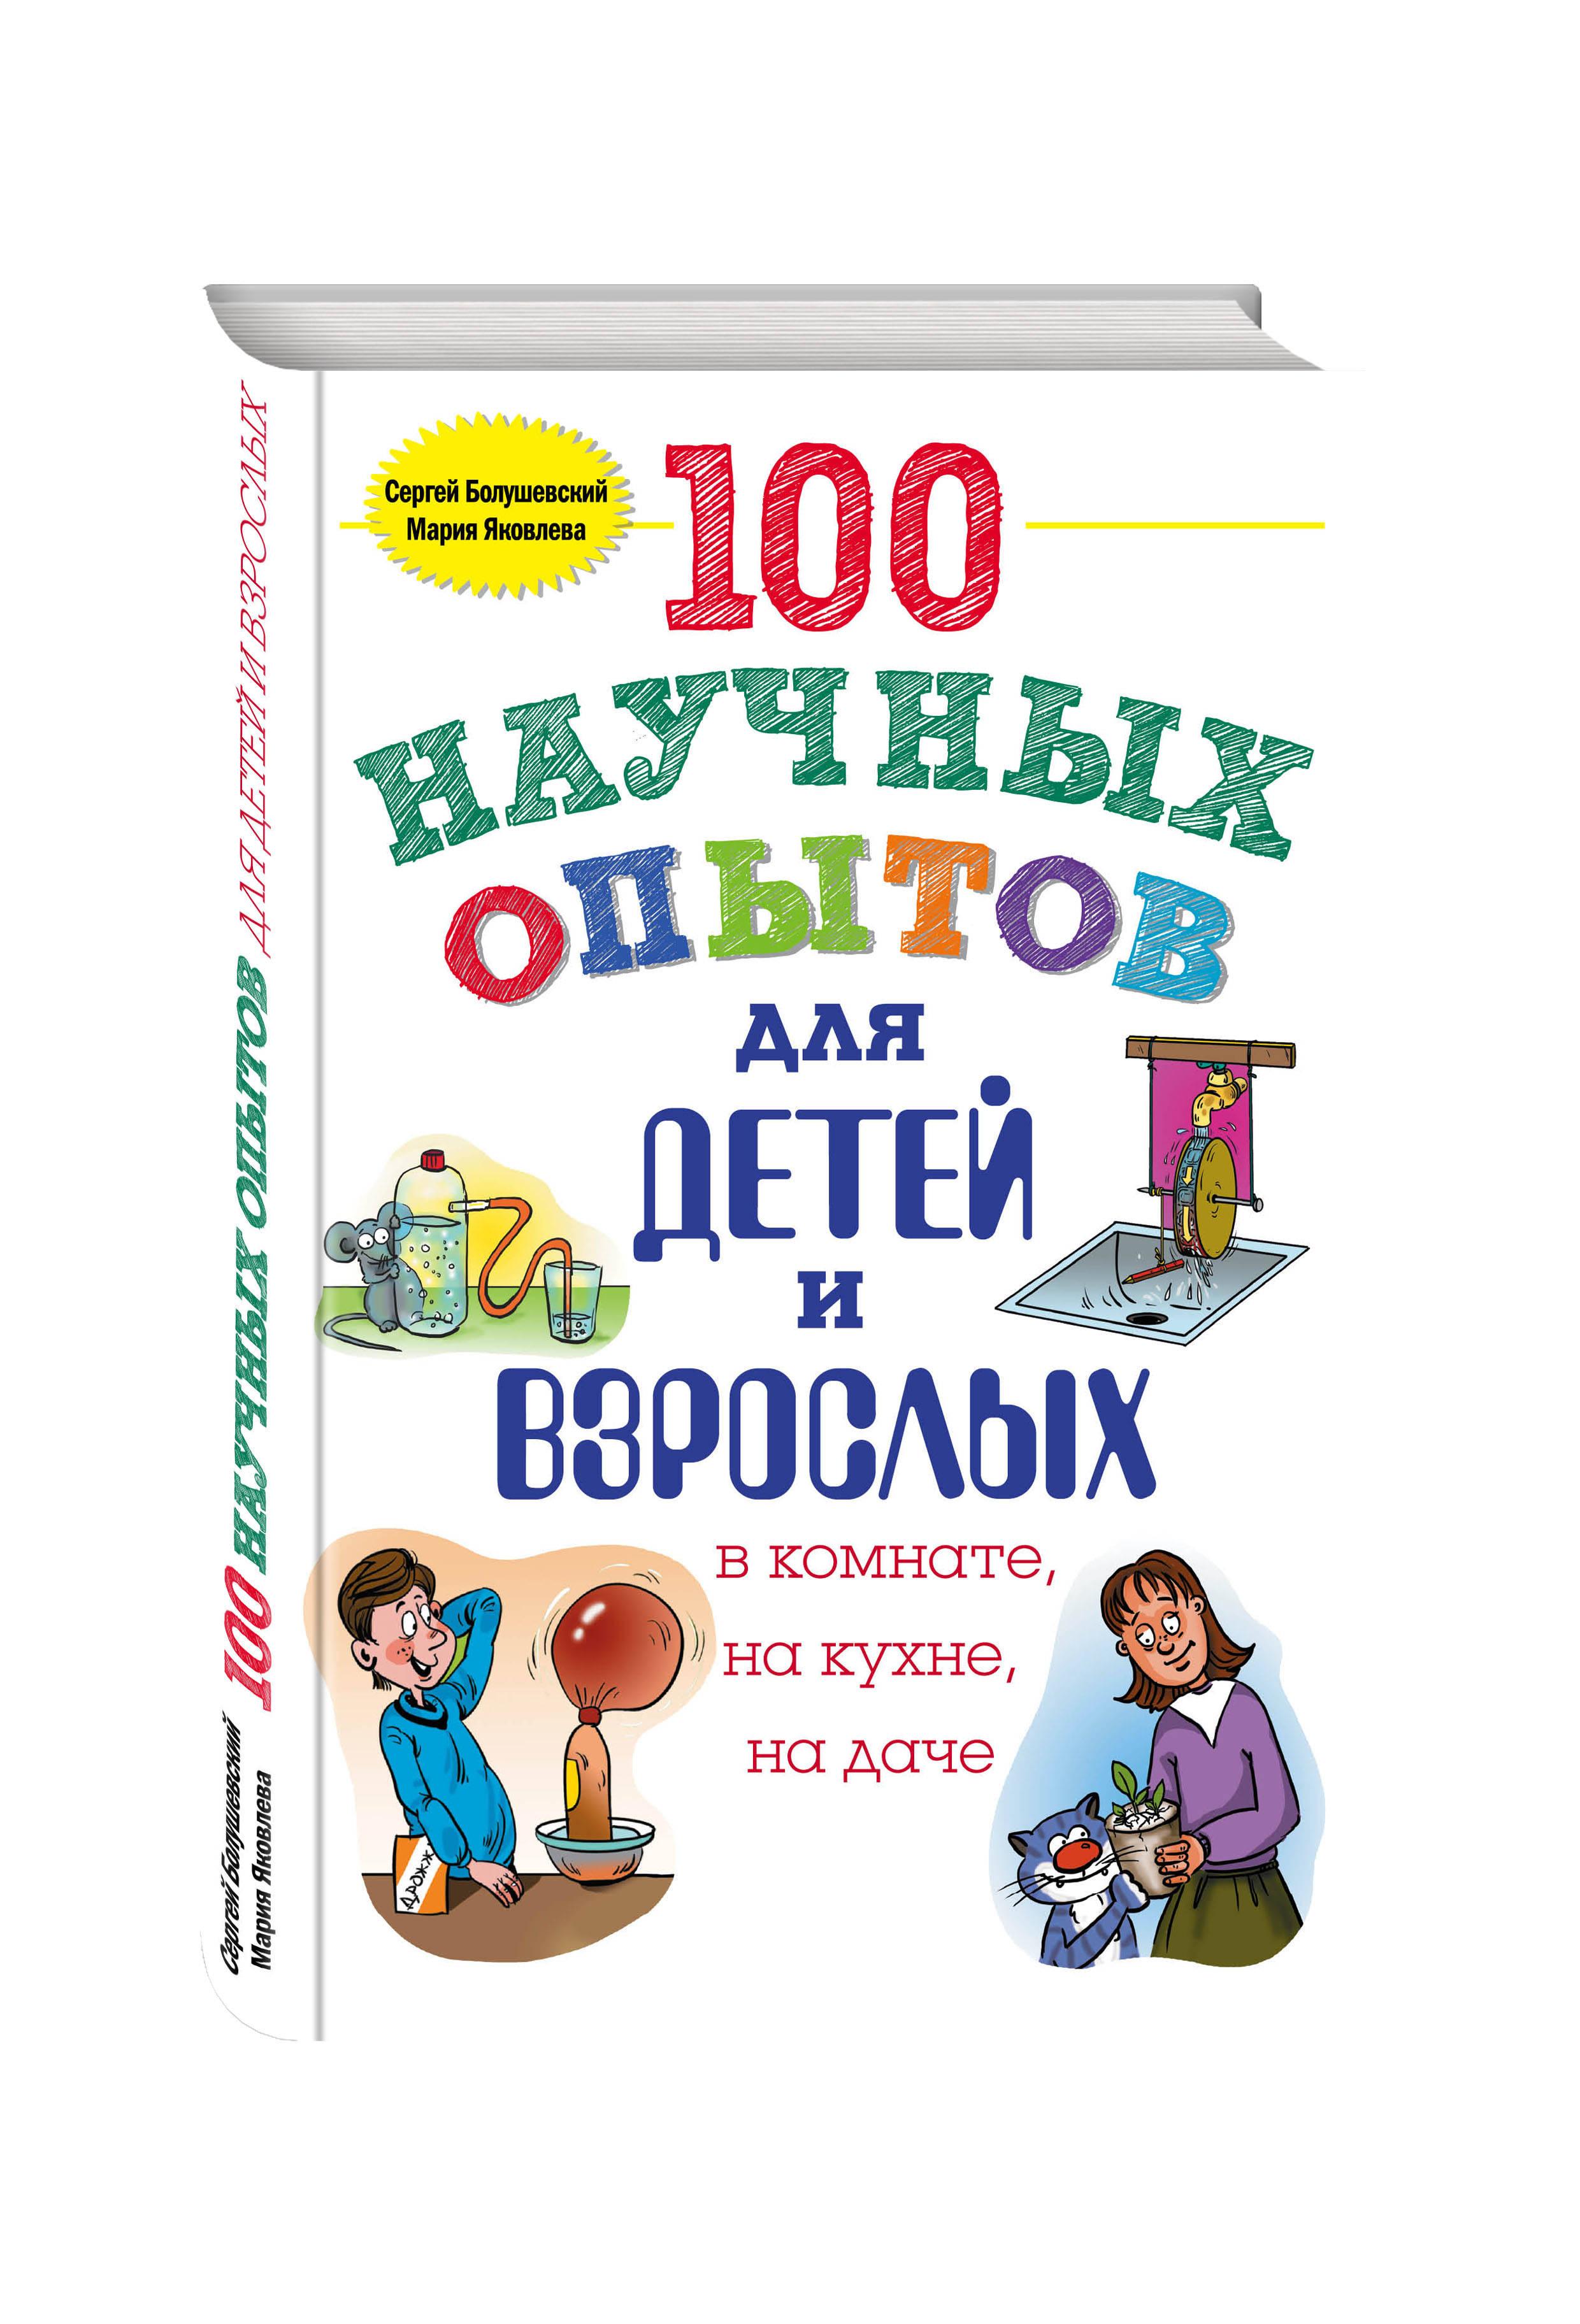 100 научных опытов для детей и взрослых в комнате, на кухне и на даче ( Болушевский С.В., Яковлева М.А.  )